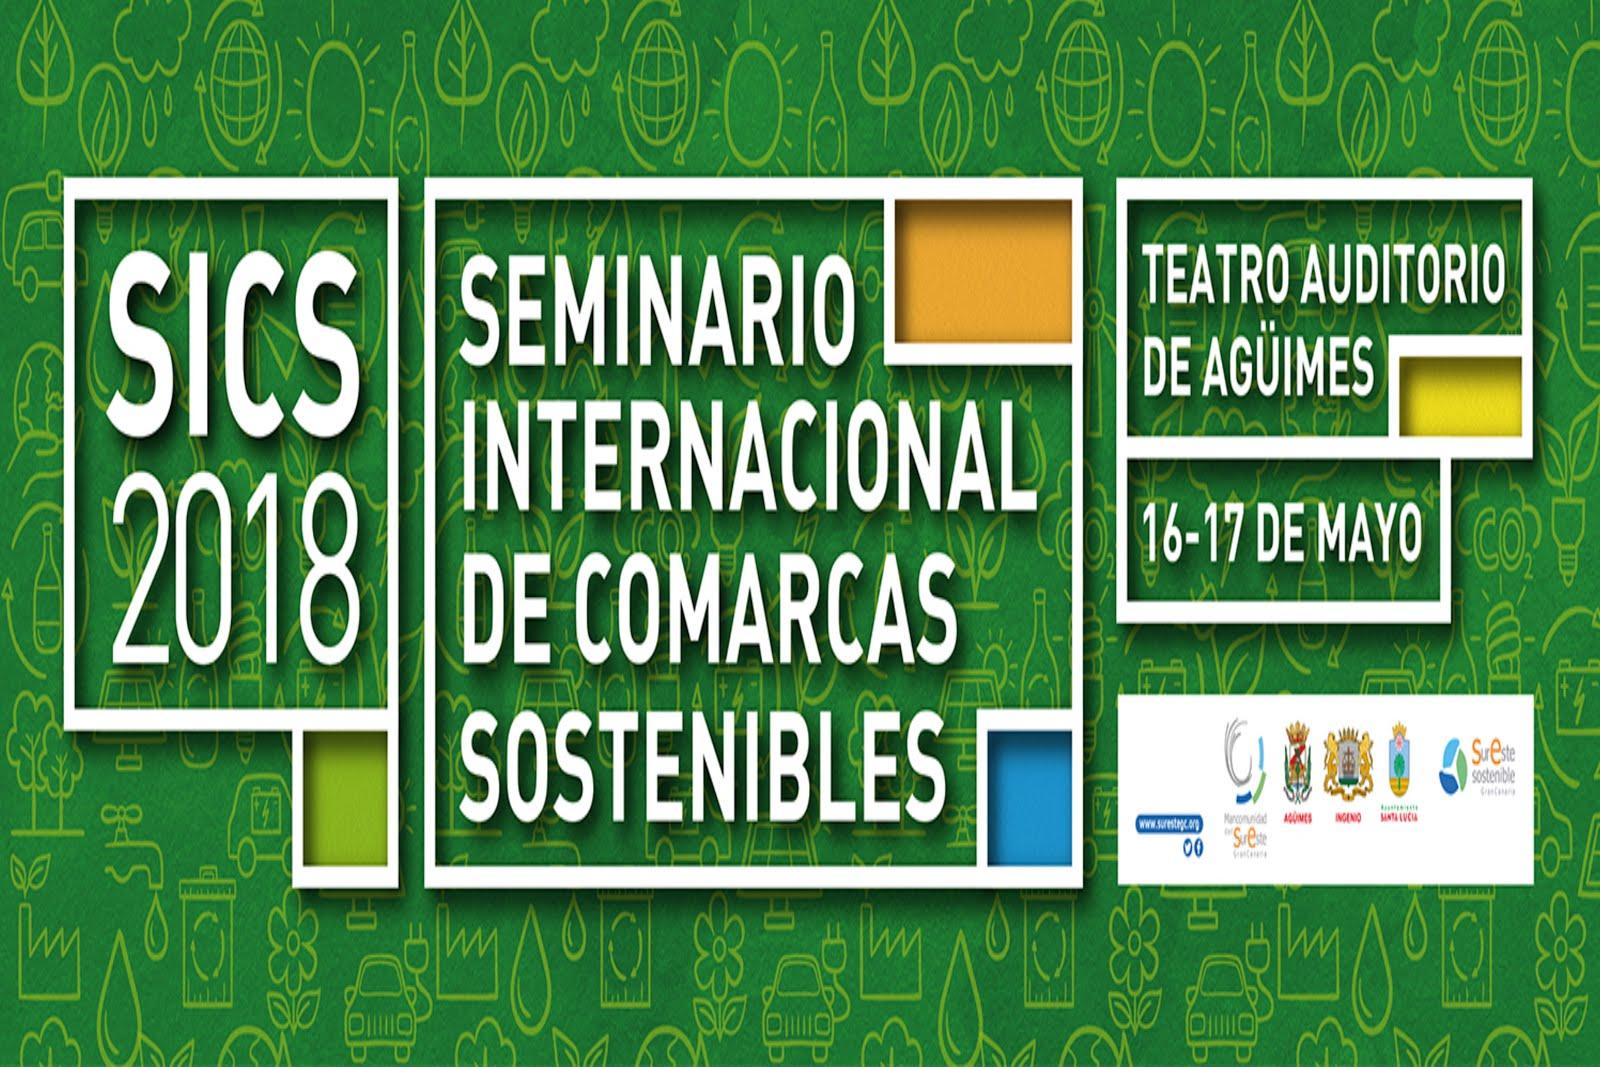 Seminario Internacional de Comarcas Sostenibles 2018